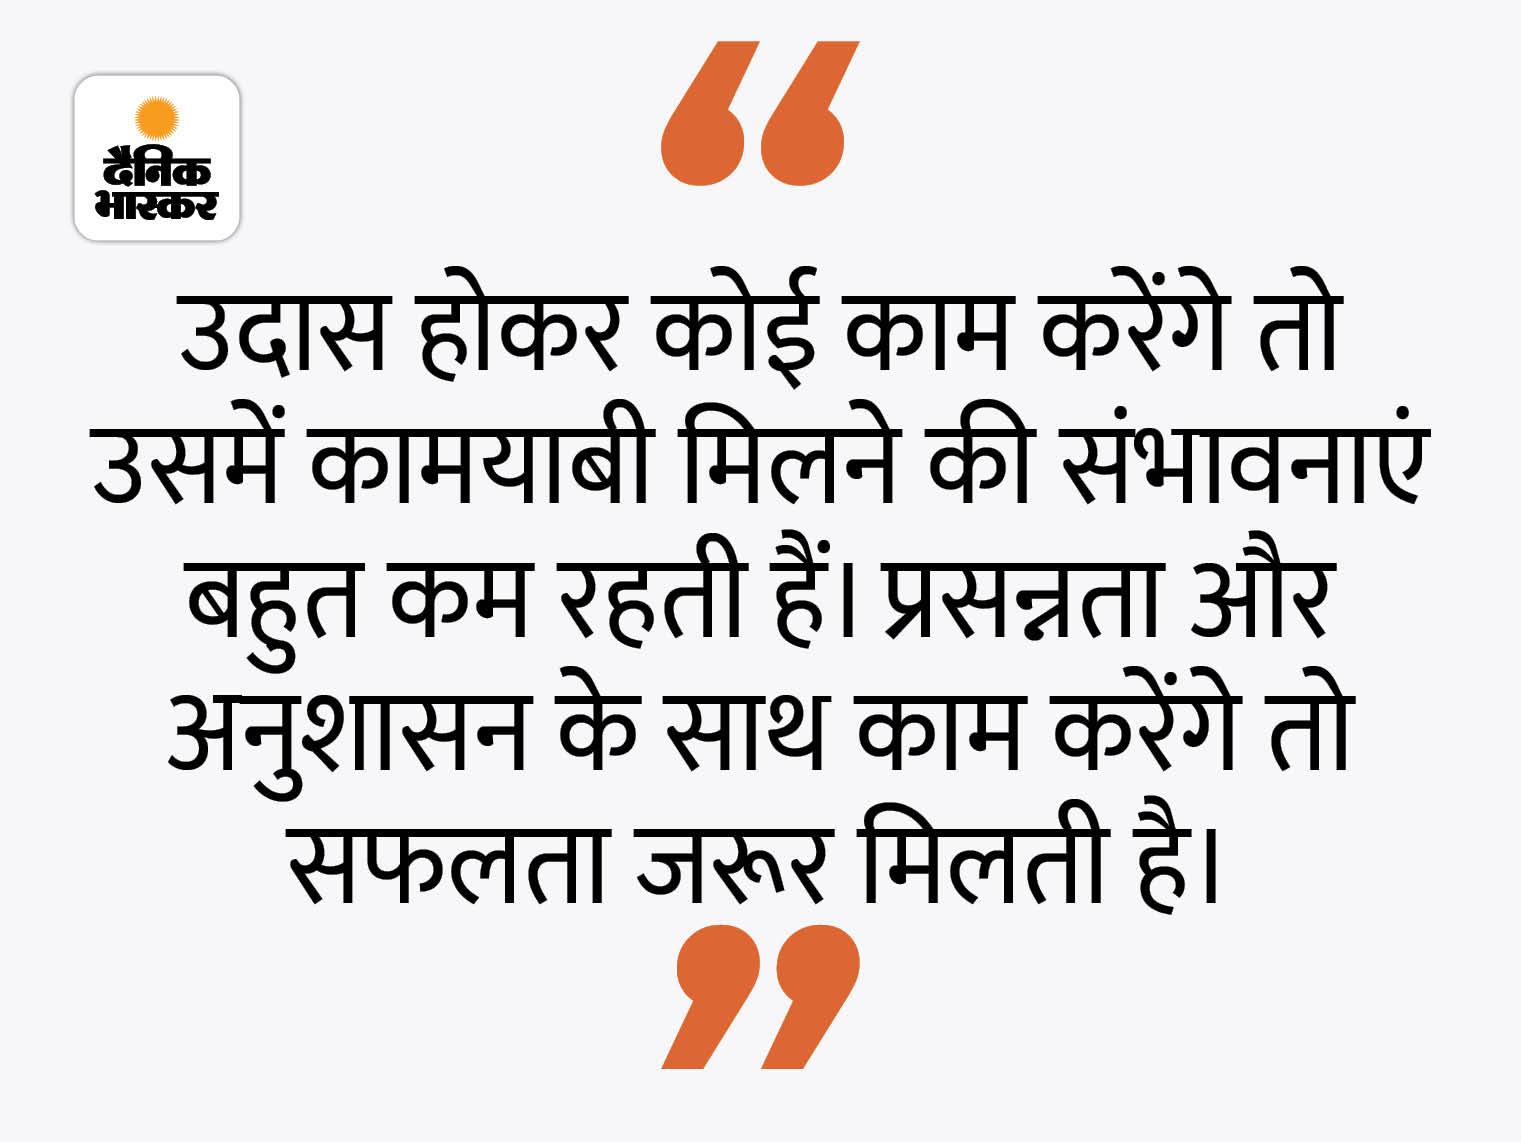 जब कोई बड़ा काम करना हो तो अनुशासन बहुत जरूरी है, इसके बिना काम बिगड़ जाते हैं|धर्म,Dharm - Dainik Bhaskar